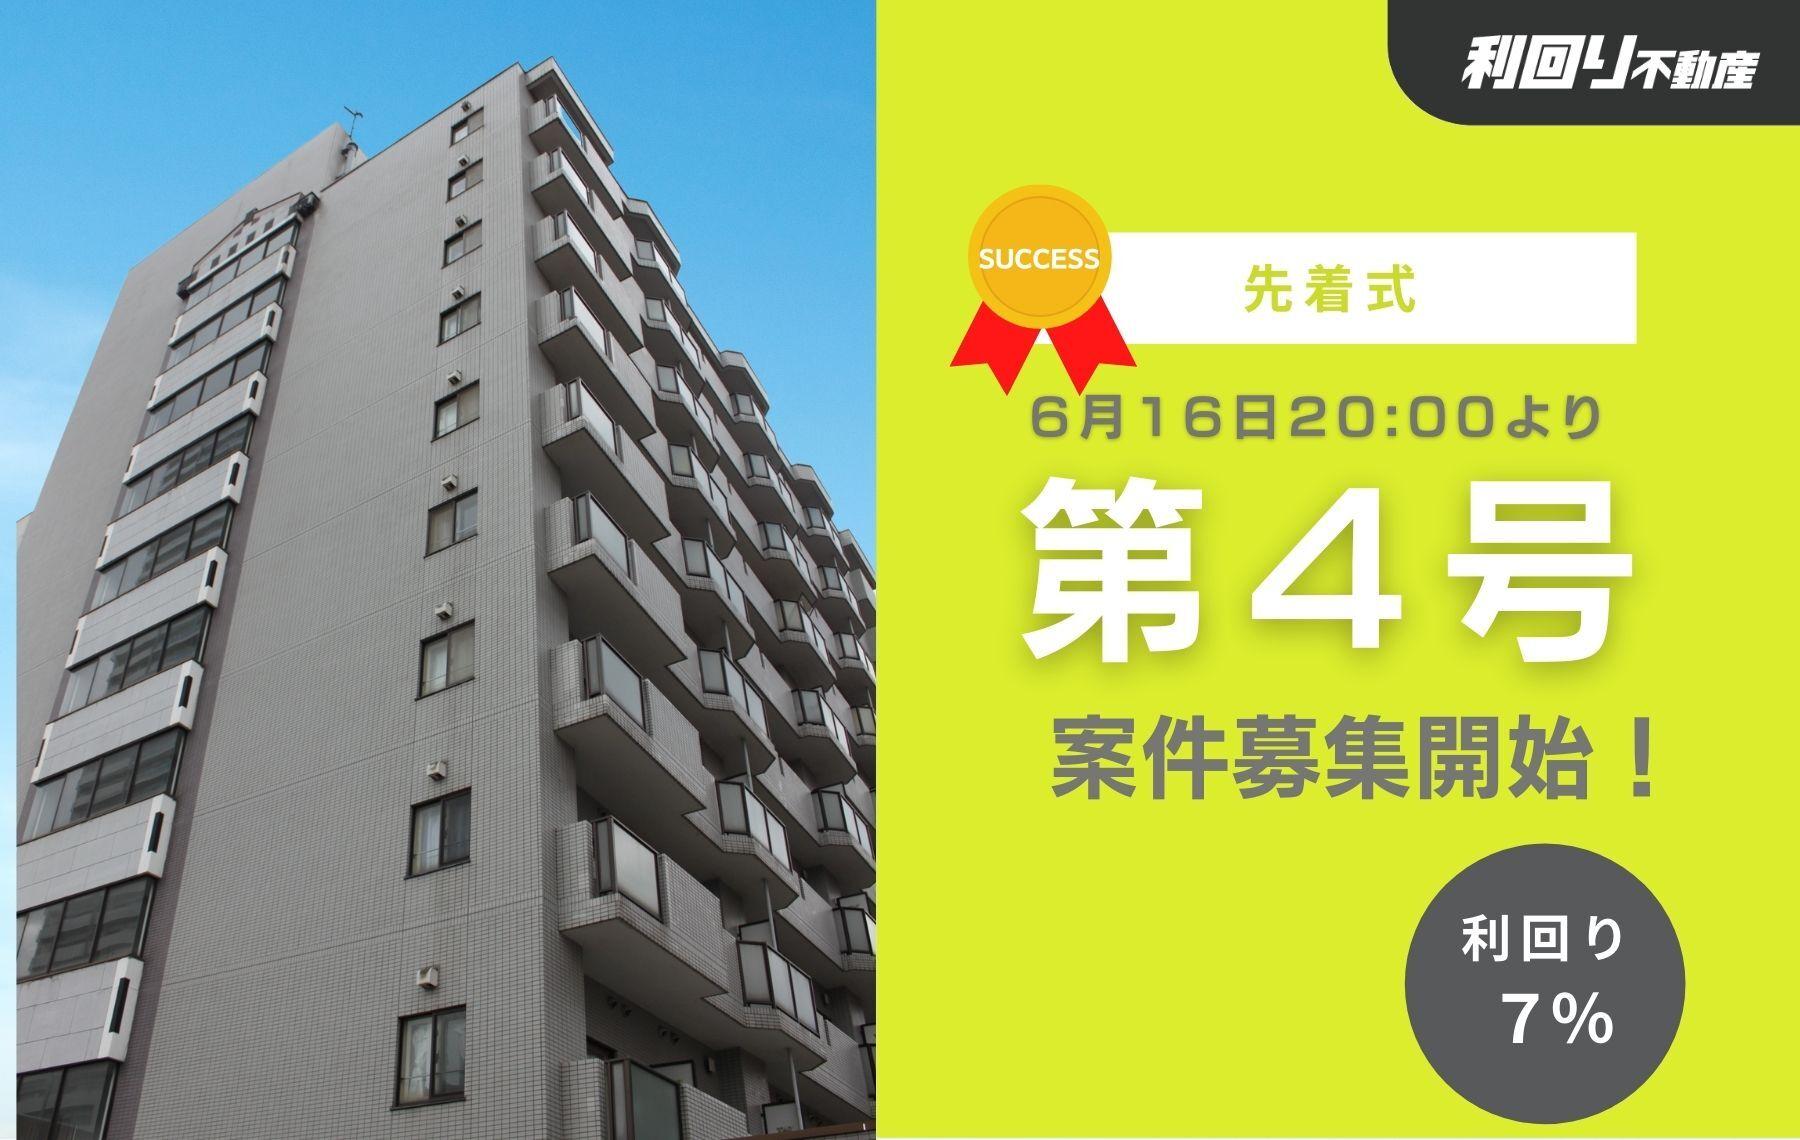 利回り不動産4号ファンド(ラ・パルフェ・ド・札幌)